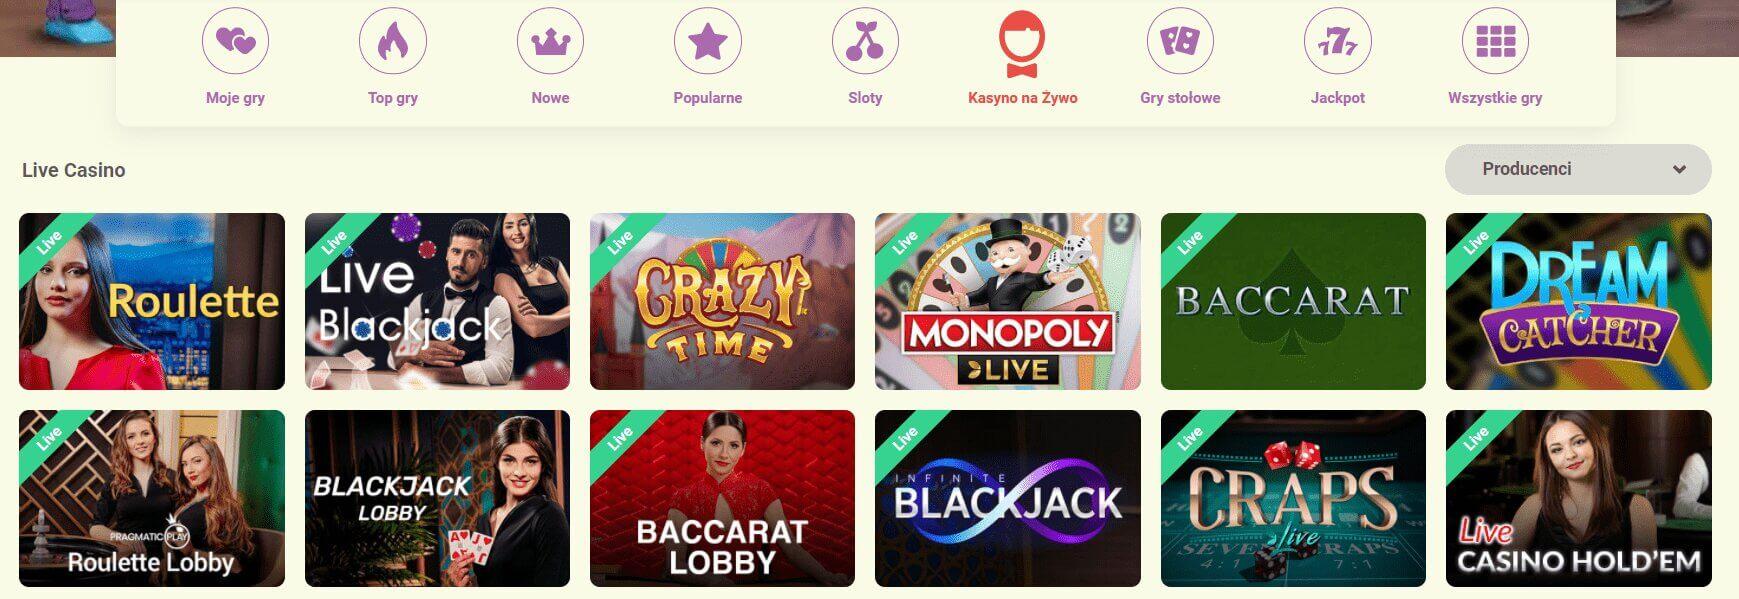 yoyo casino live screenshot